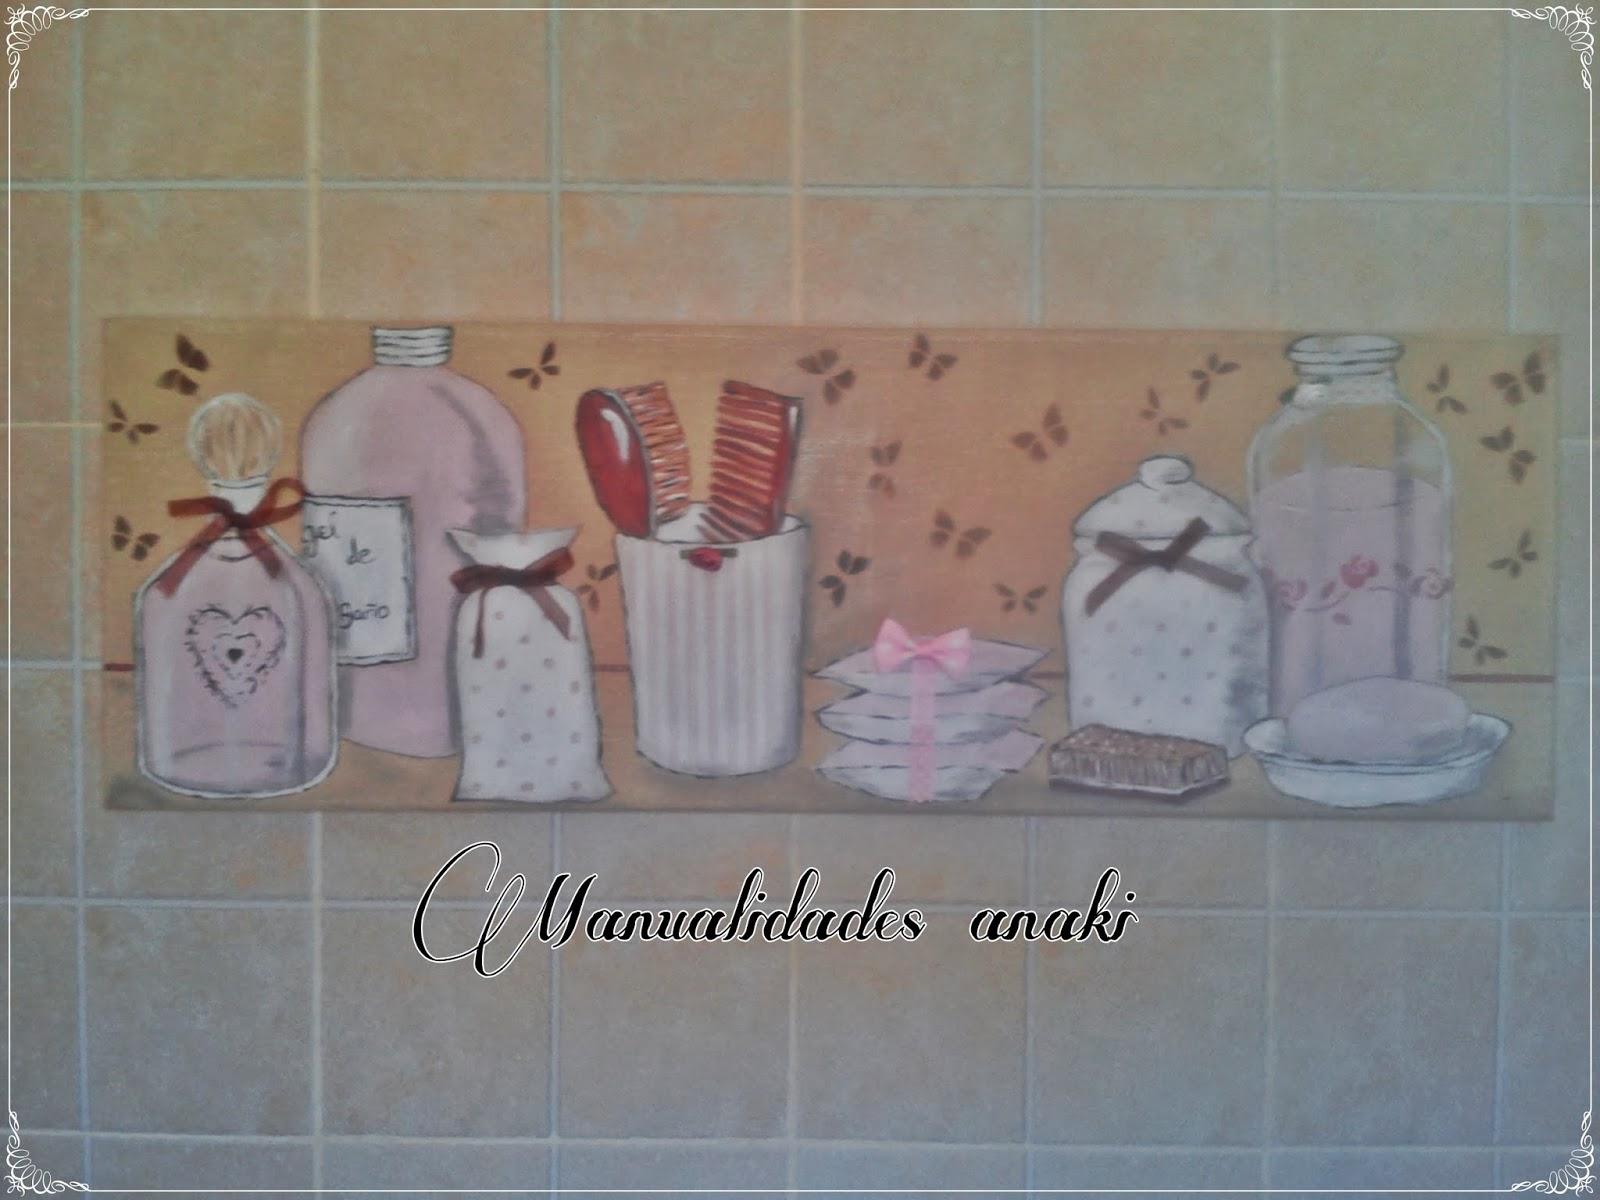 Manualidades anaki cuadro ba o en rosa - Cuadros para cuartos de bano ...